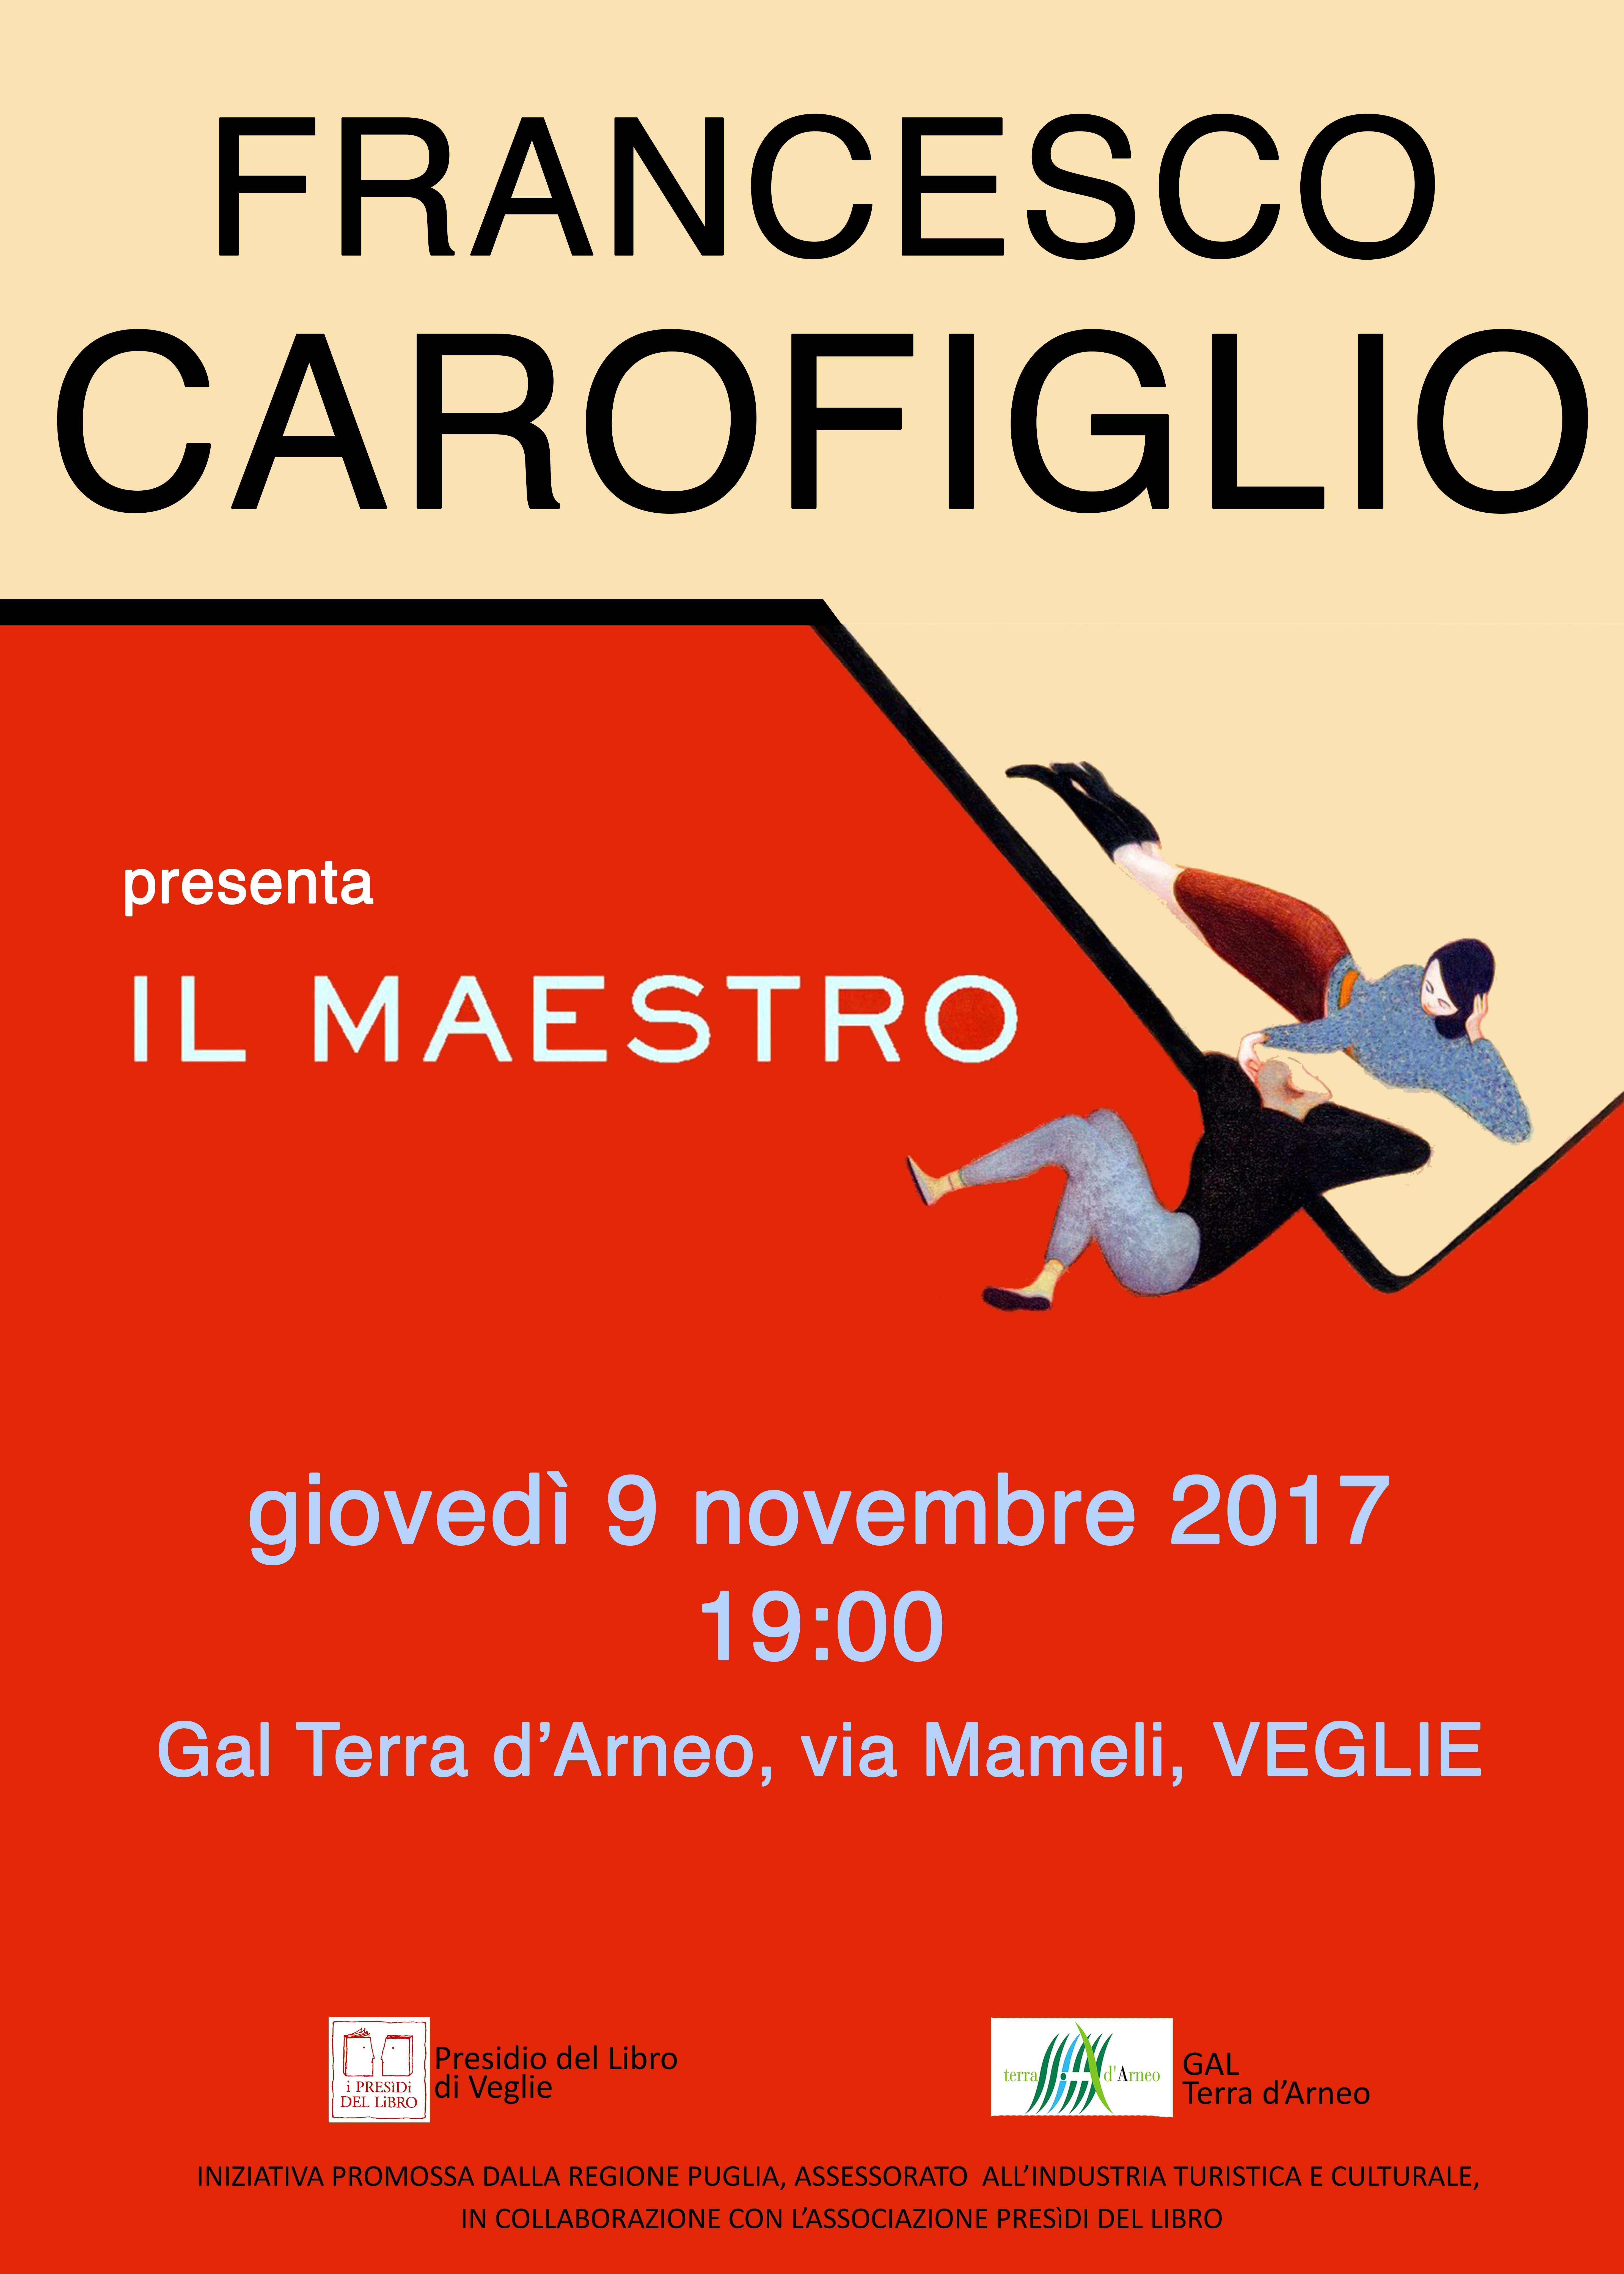 Francesco Carofiglio a Veglie per presentare il suo nuovo libro, ospite del Presidio del Libro e del GAL Terra d'Arneo